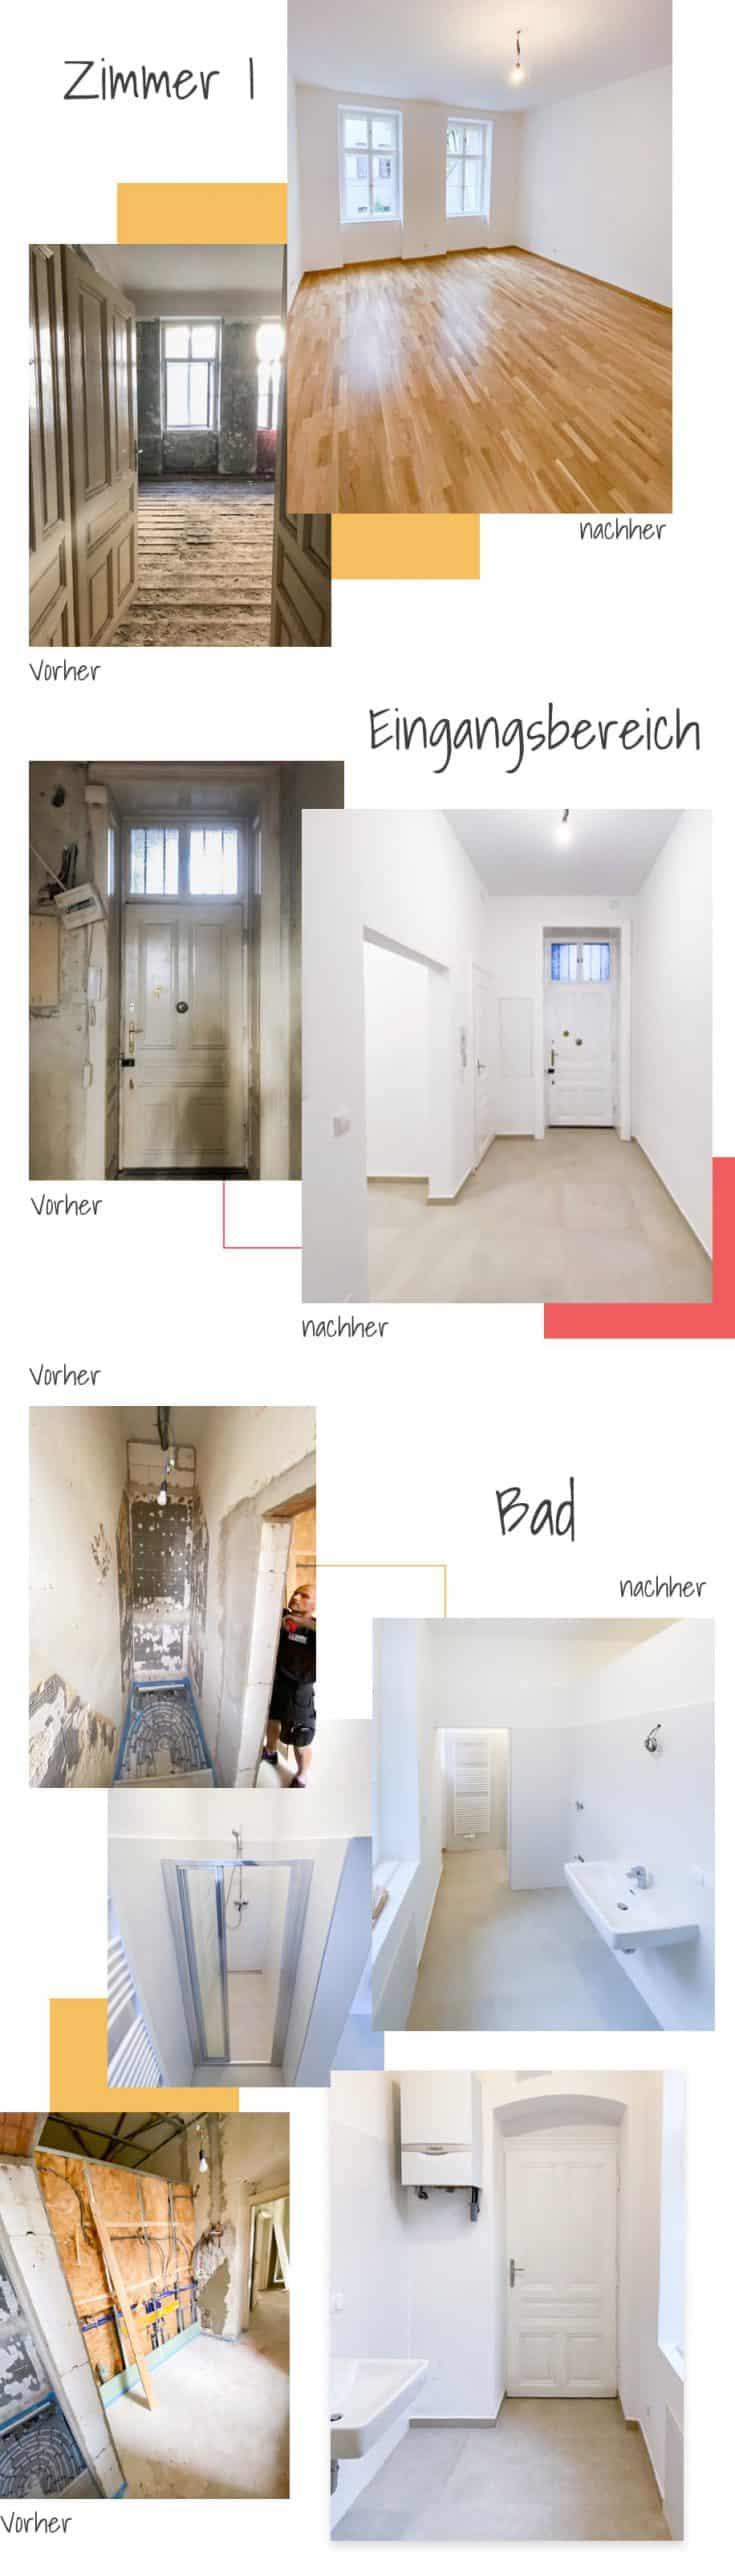 Wohnungssanierung_Sanierungsprojekt_Wien_Collage_916x3190px